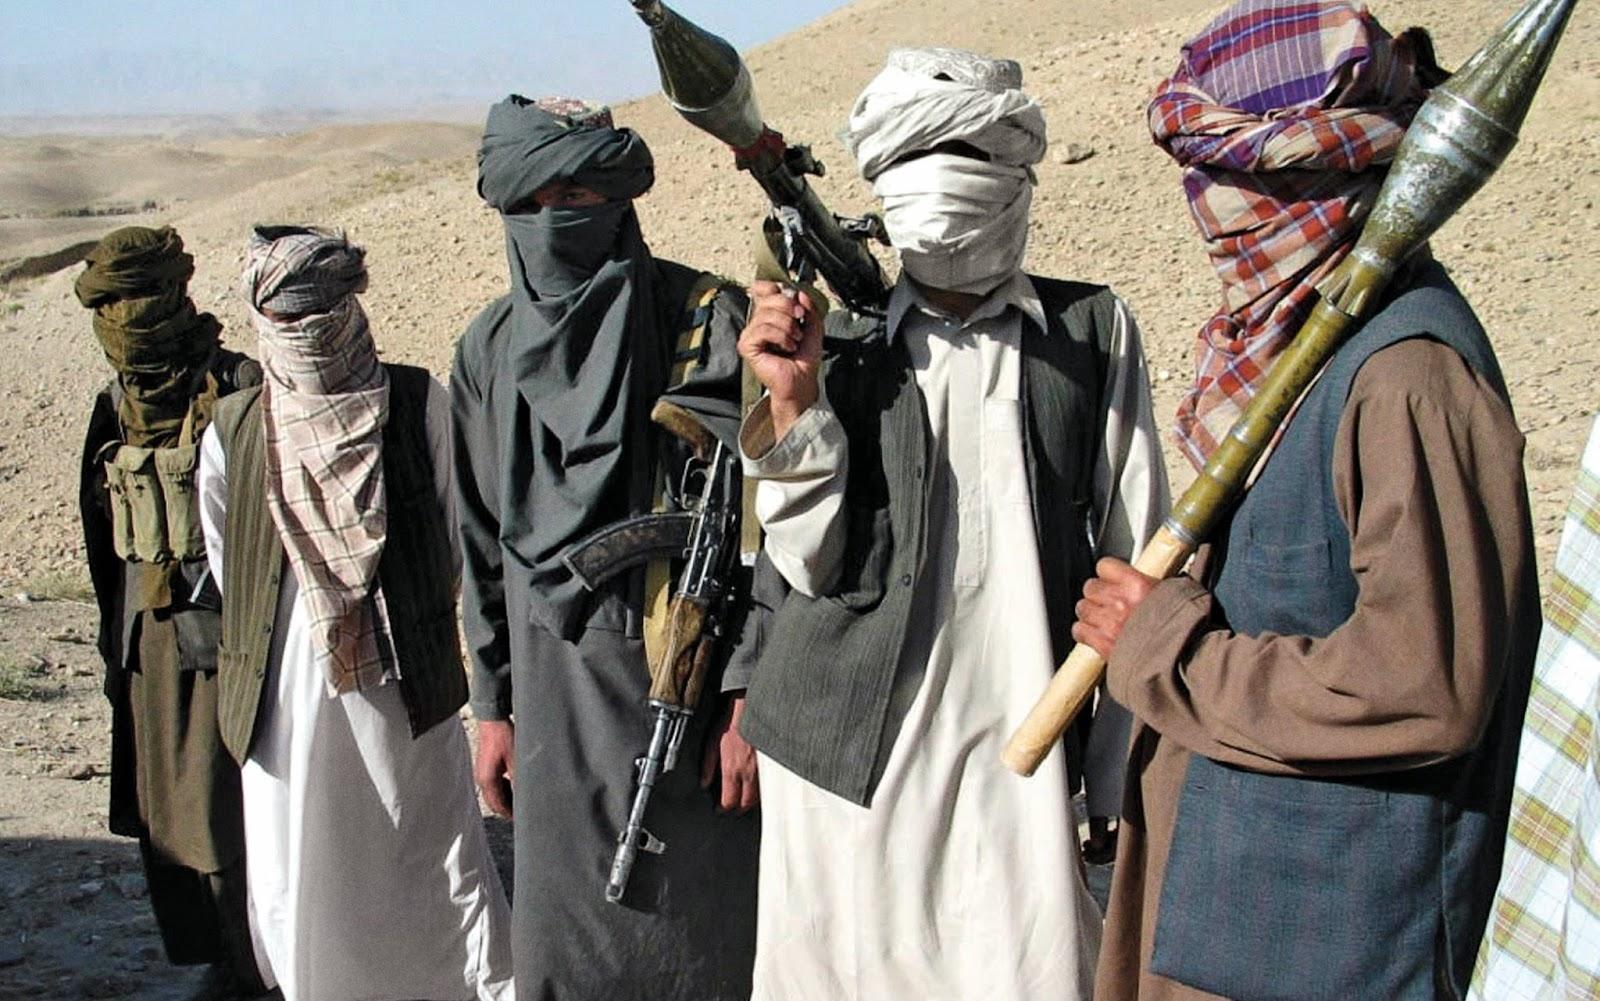 अफगानिस्तानमा तालिवान विद्रोहीको आक्रमणमा परी ११ प्रहरीको मृत्यु